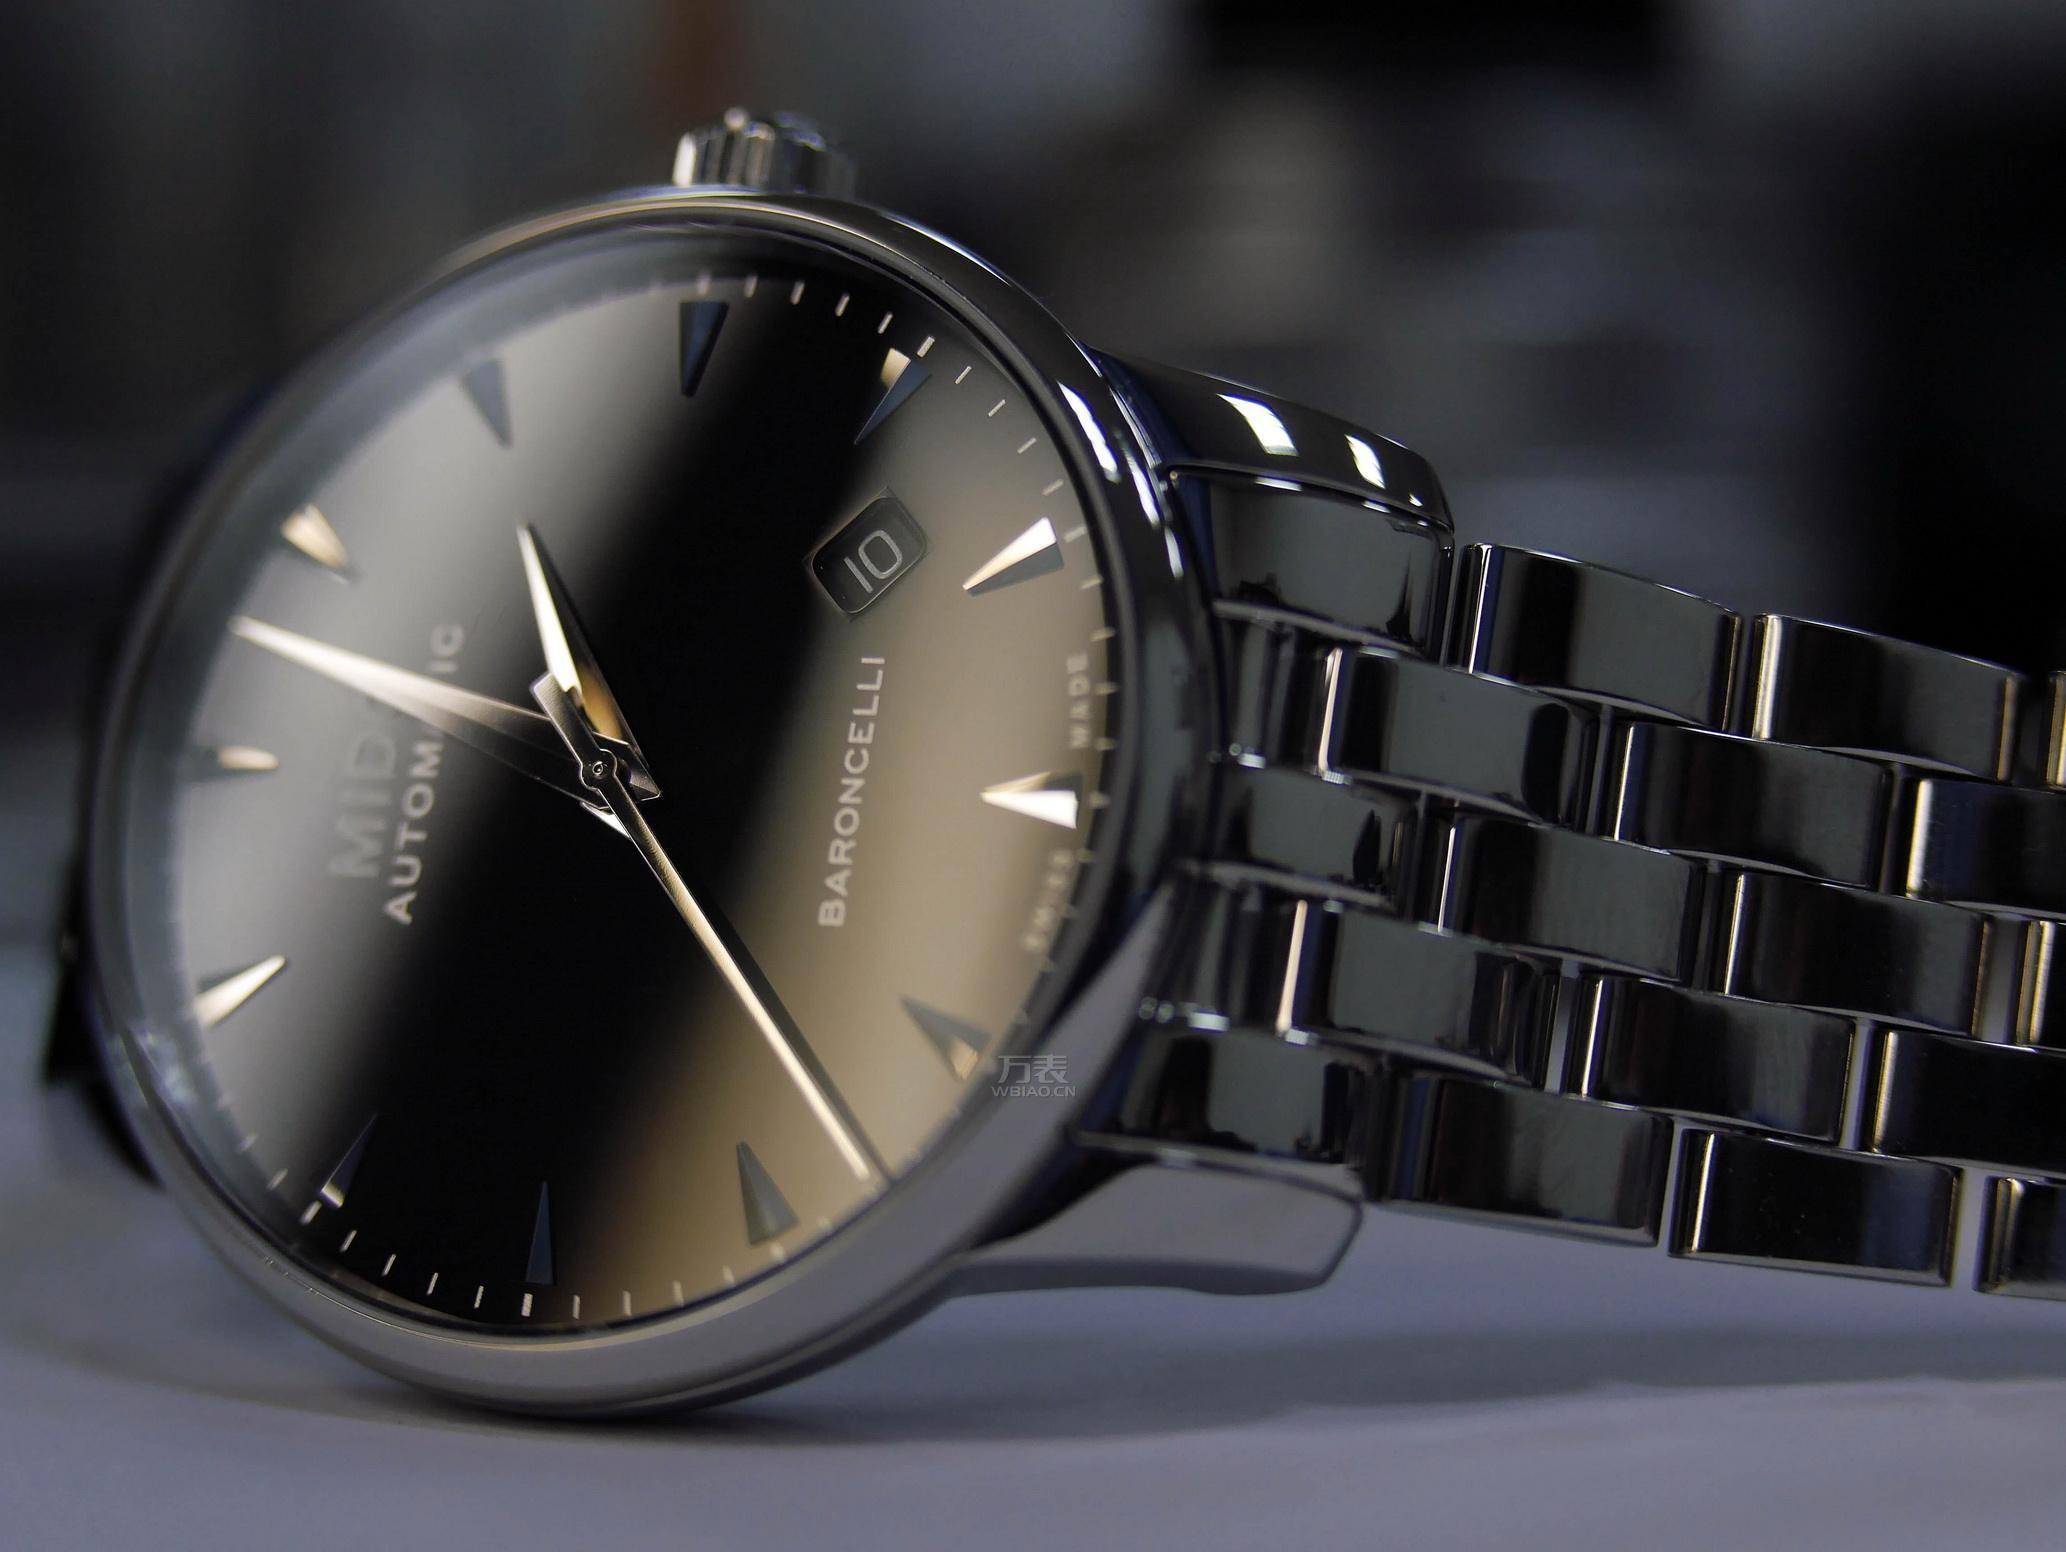 印尼分分彩遗漏走势图带,二手手表哪里回收价格高?印尼分分彩遗漏走势图带,二手手表哪里回收的平台介绍